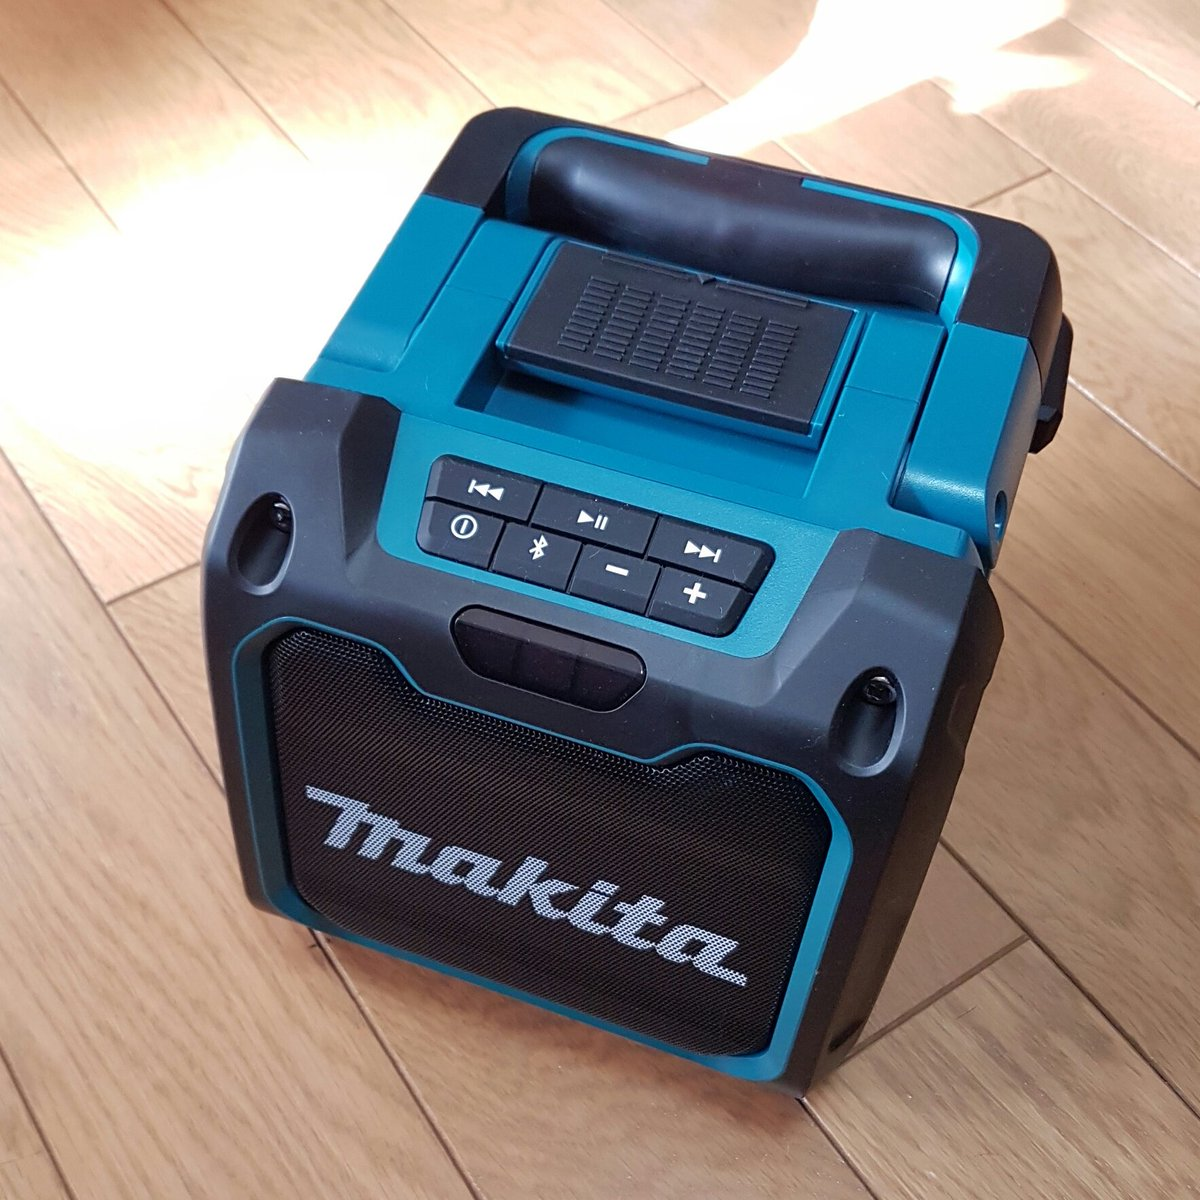 マキタのBluetooth対応スピーカーかっこよすぎる。37時間連続再生とかほんと頭おかしい(褒めてる https://t.co/0ZNwo57rq6